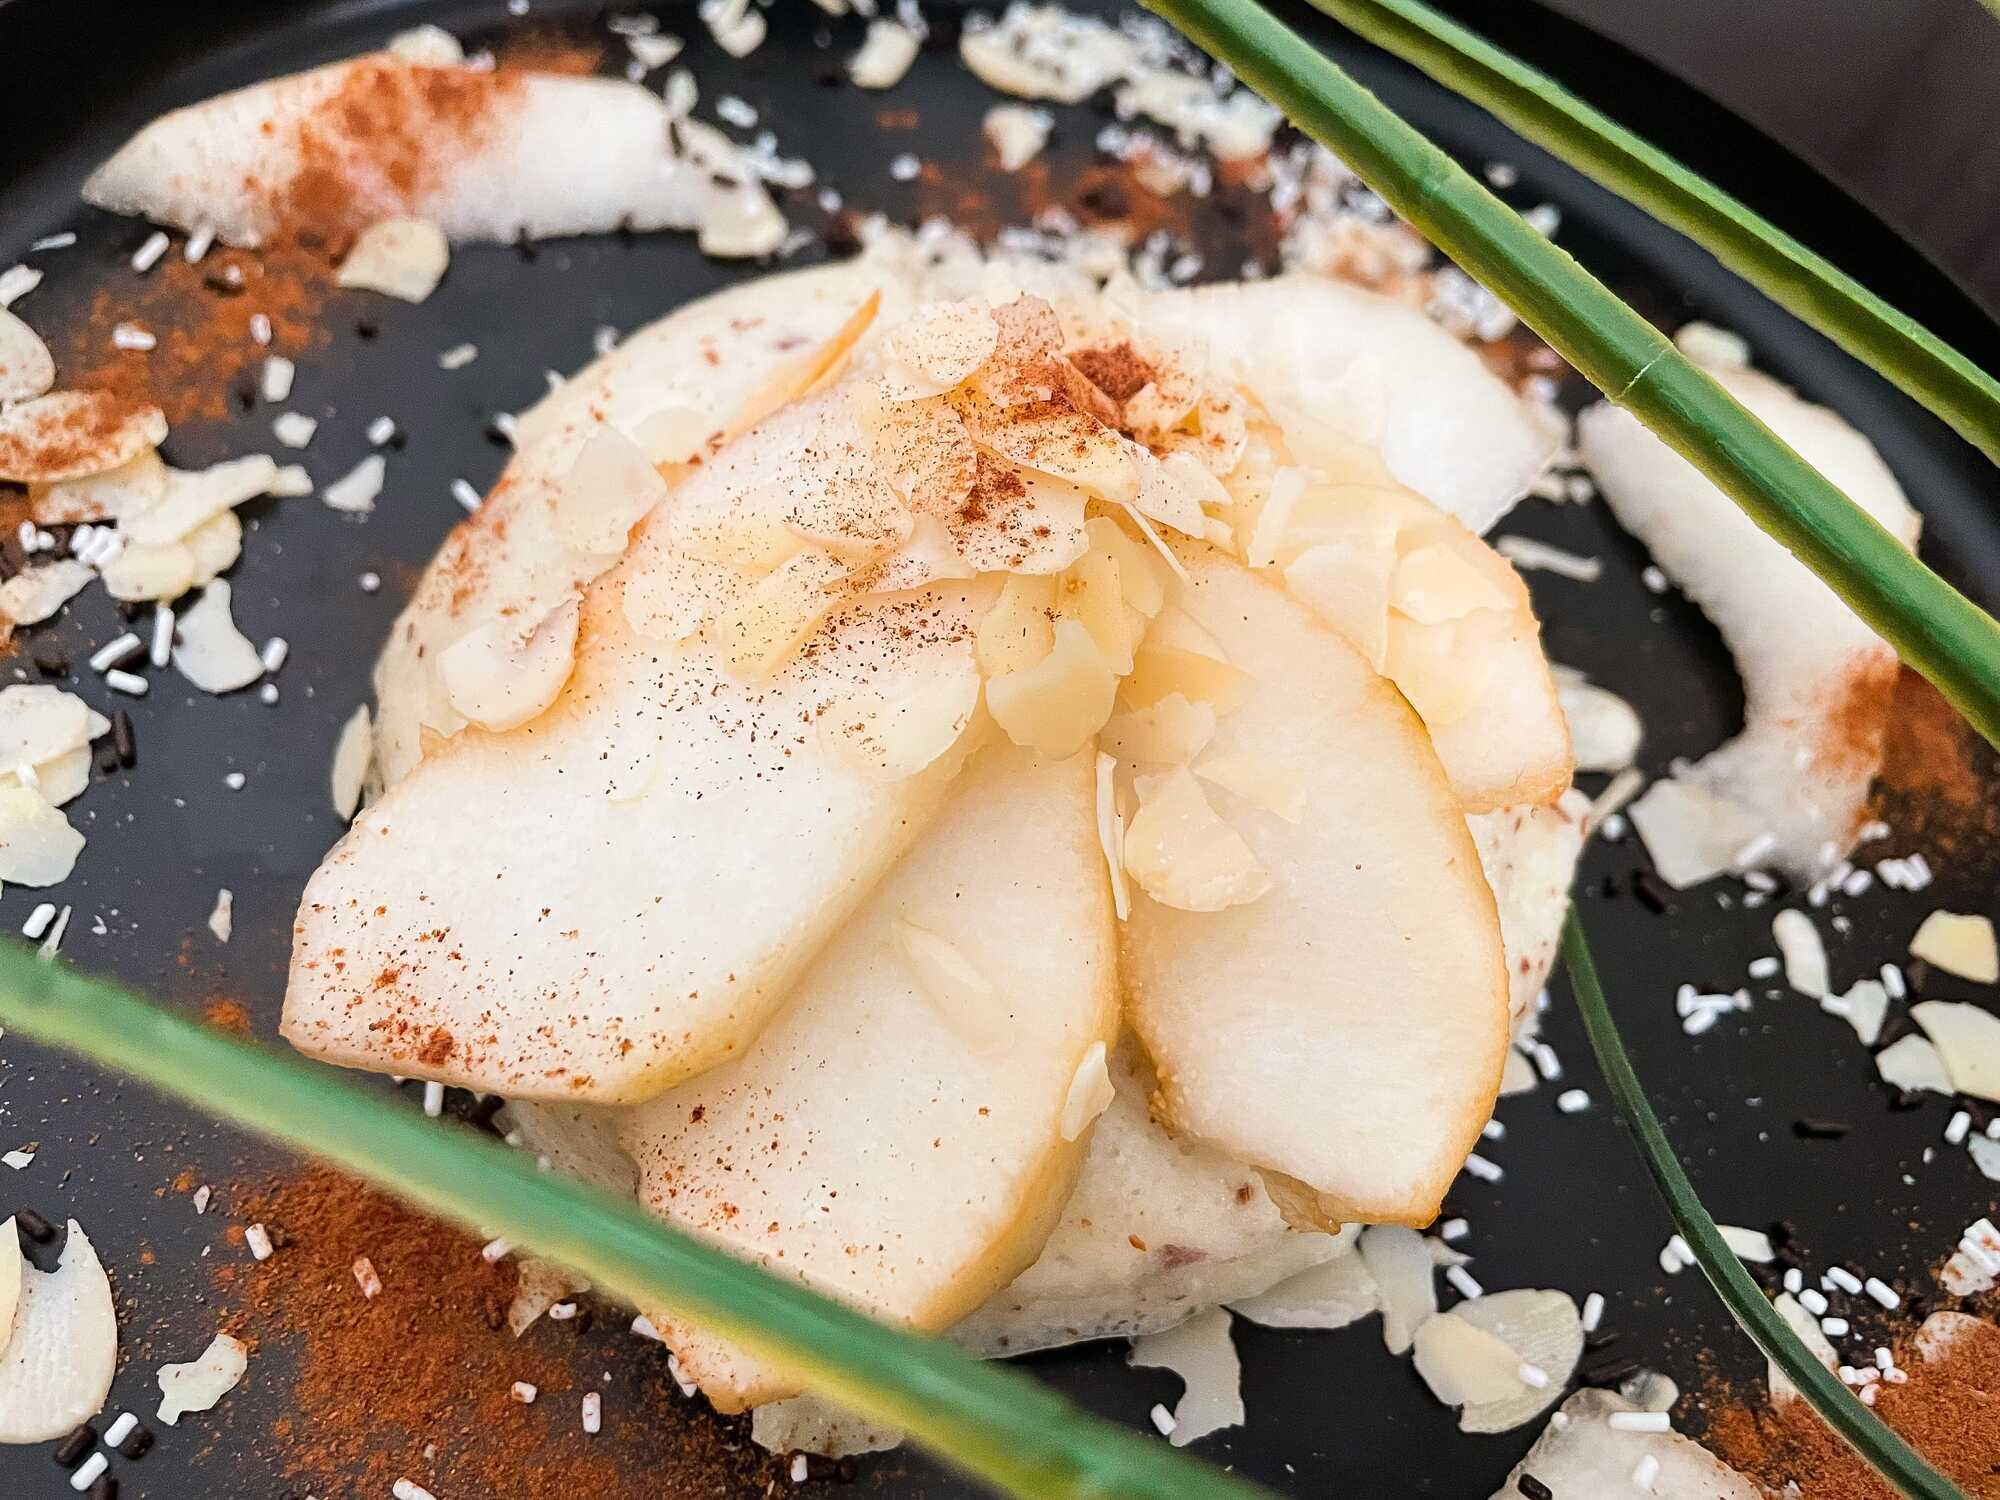 Déposées sur un plat de couleur noir, de grosses tranches de poire sont saupoudrées d'amandes effilées qui servent de topping.